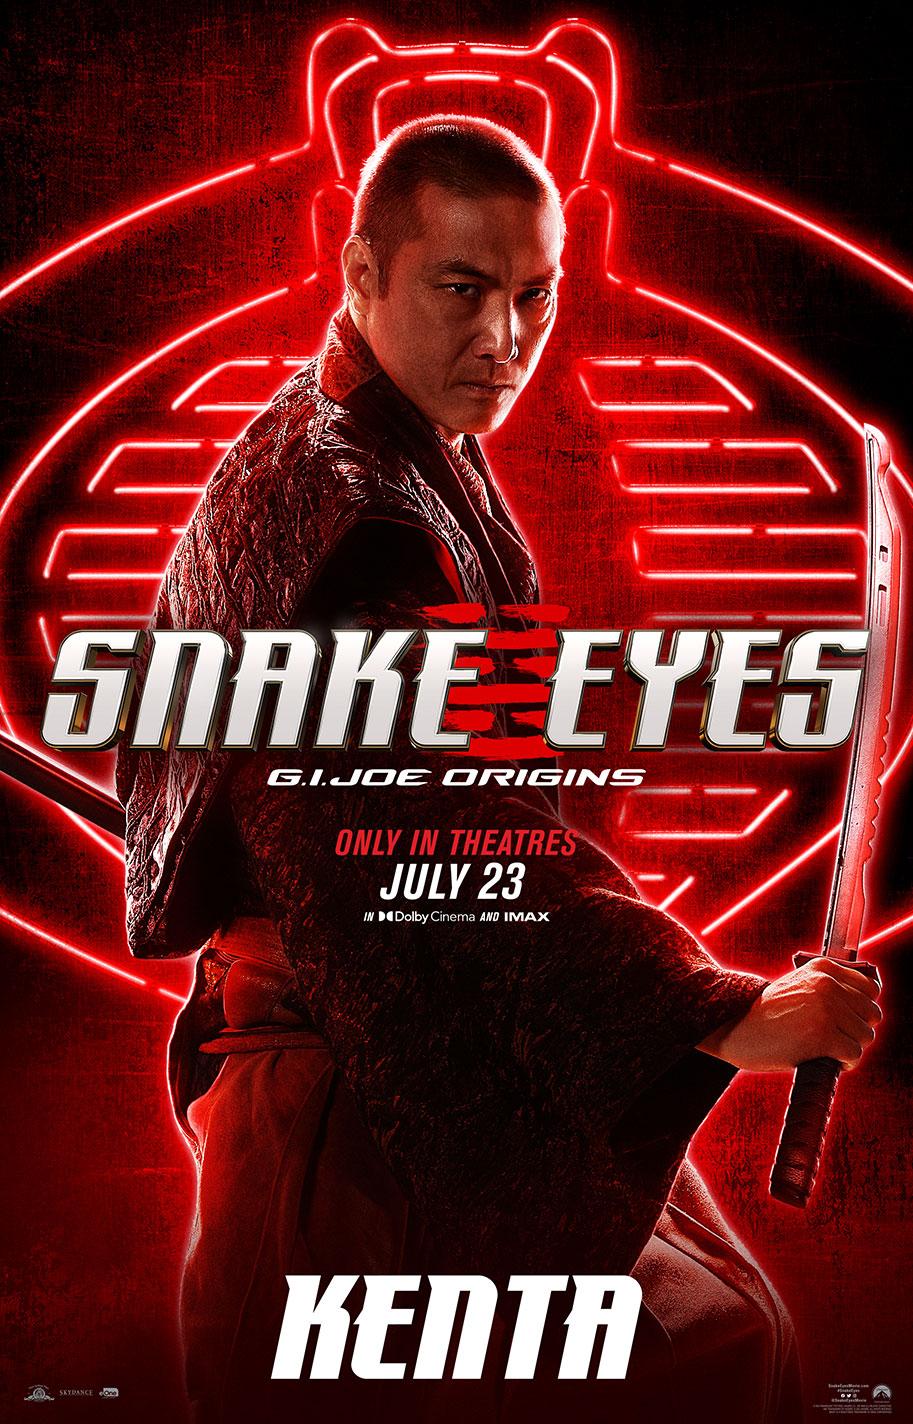 Snake Eyes G I Joe Origins Subtitles Yify Srt English Subtitles World